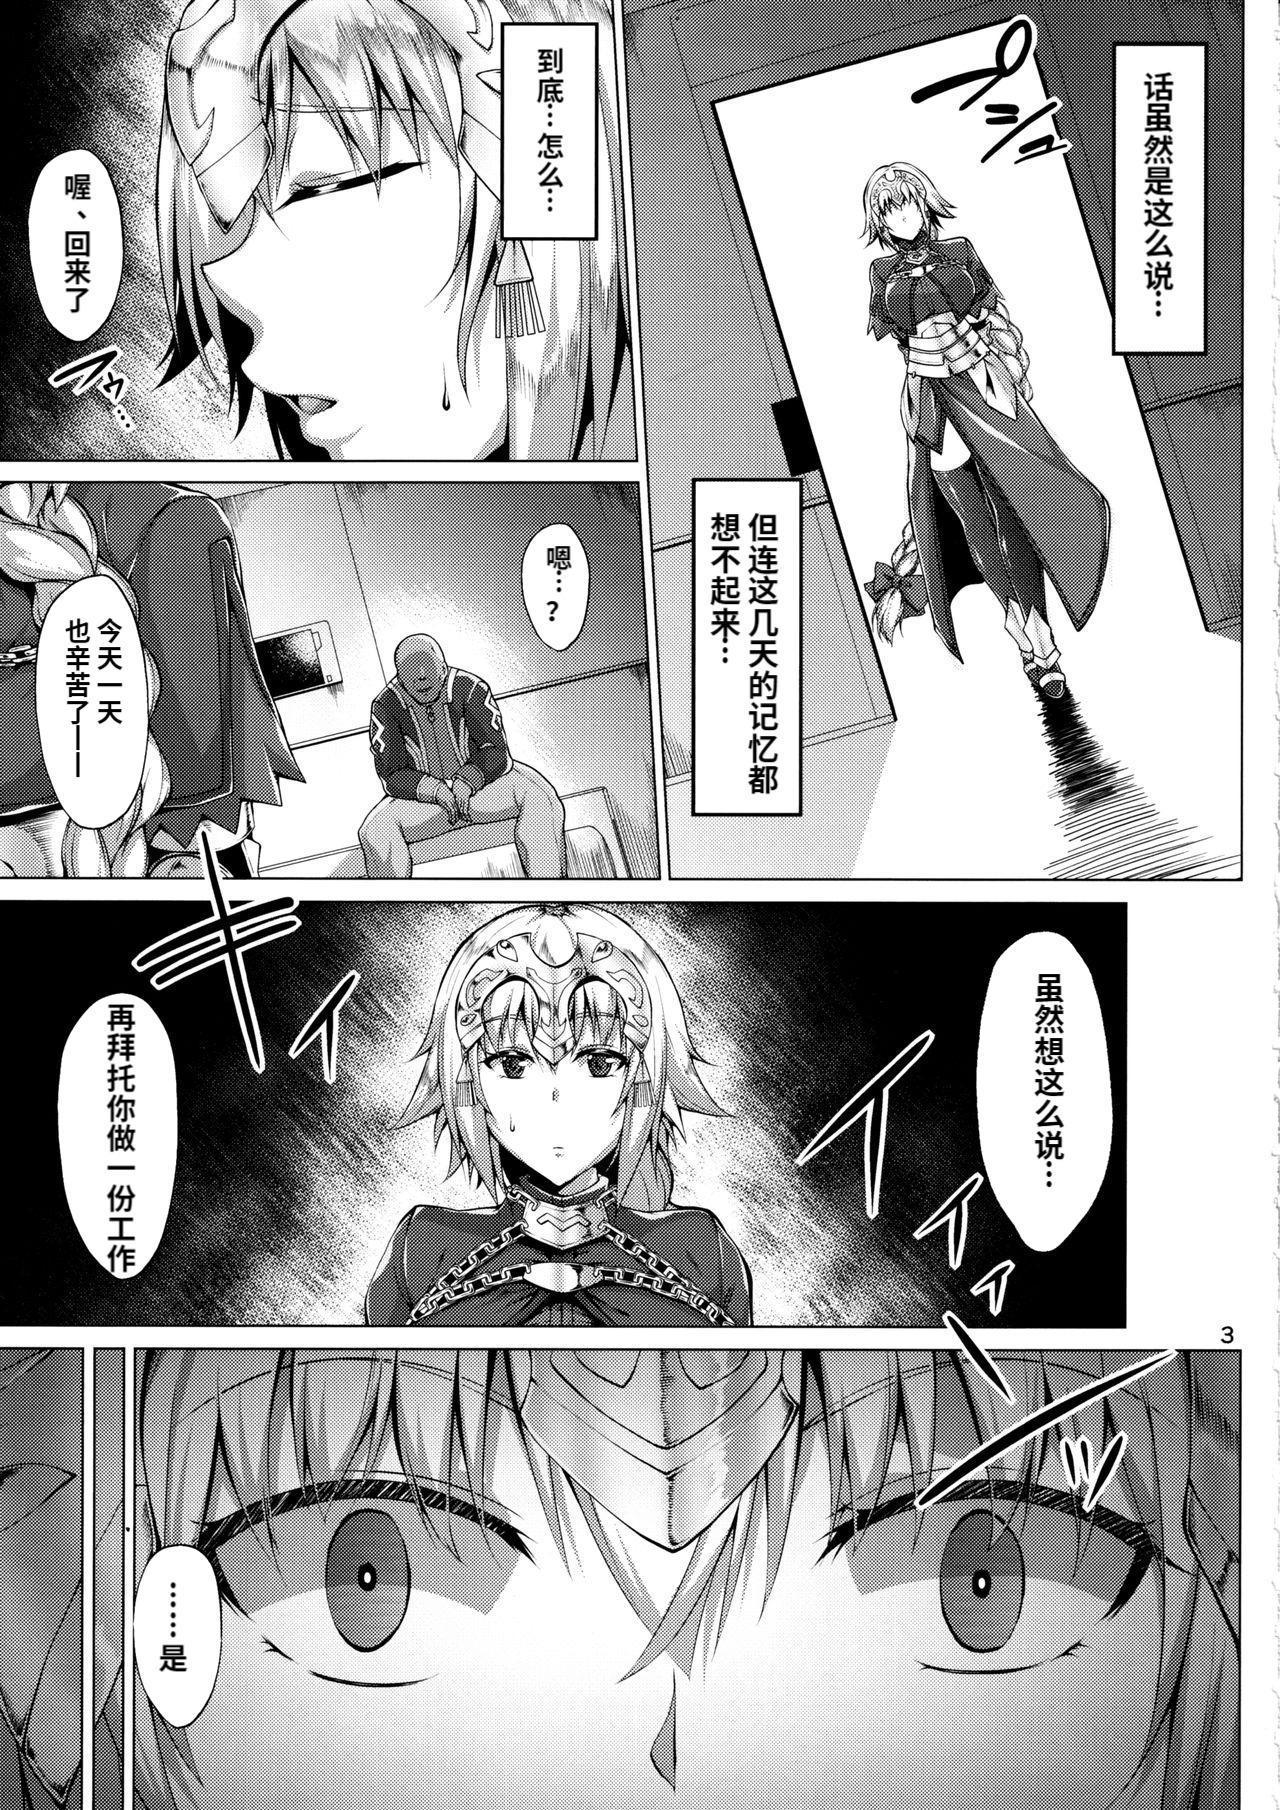 Seijo no Mita Yume 2 3